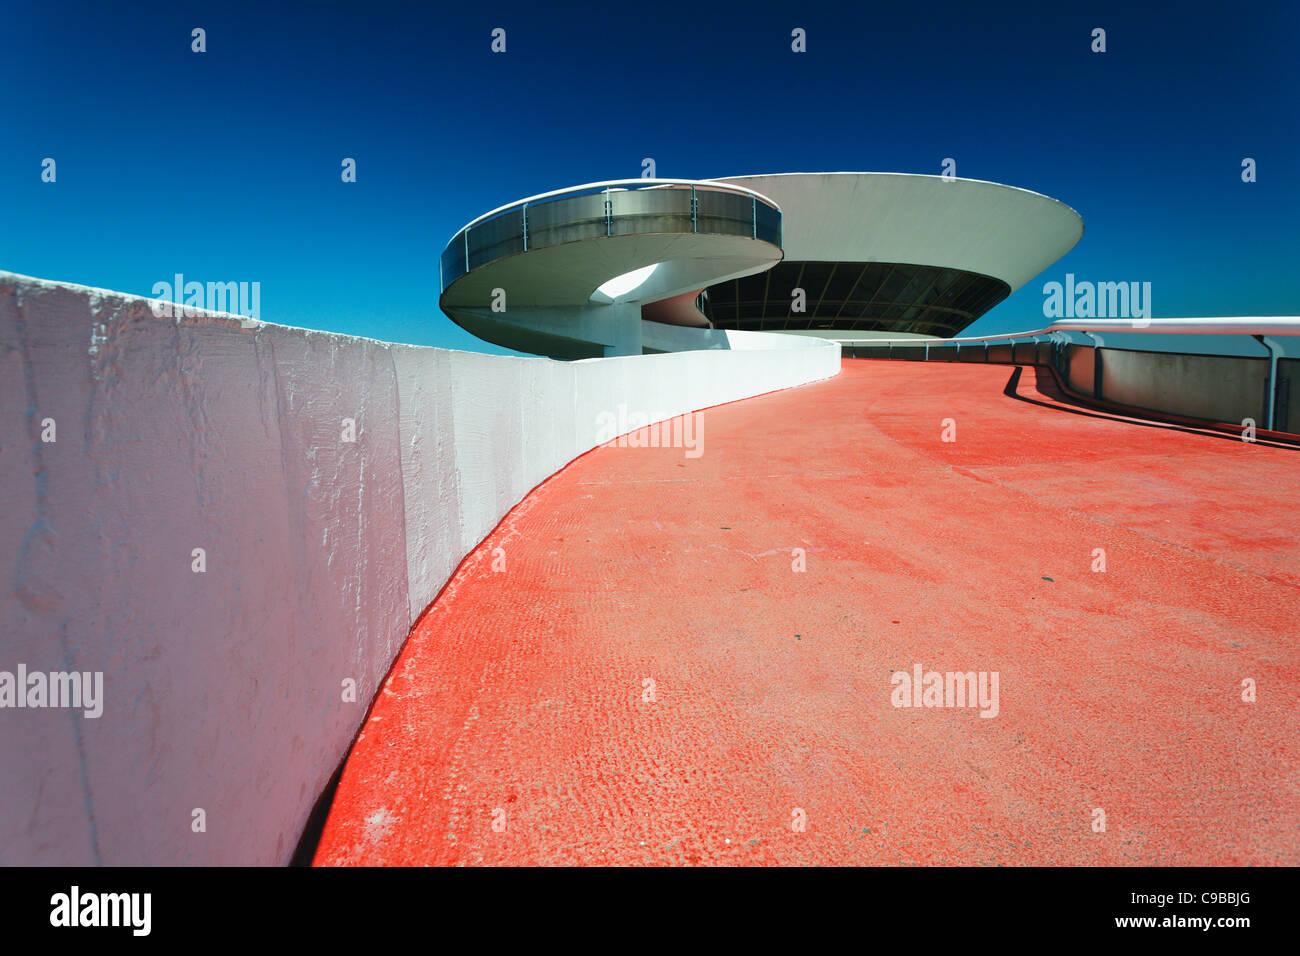 Portrait d'un bâtiment moderne de forme circulaire, Musée d'Art Contemporain, Niteroi, Brésil Photo Stock